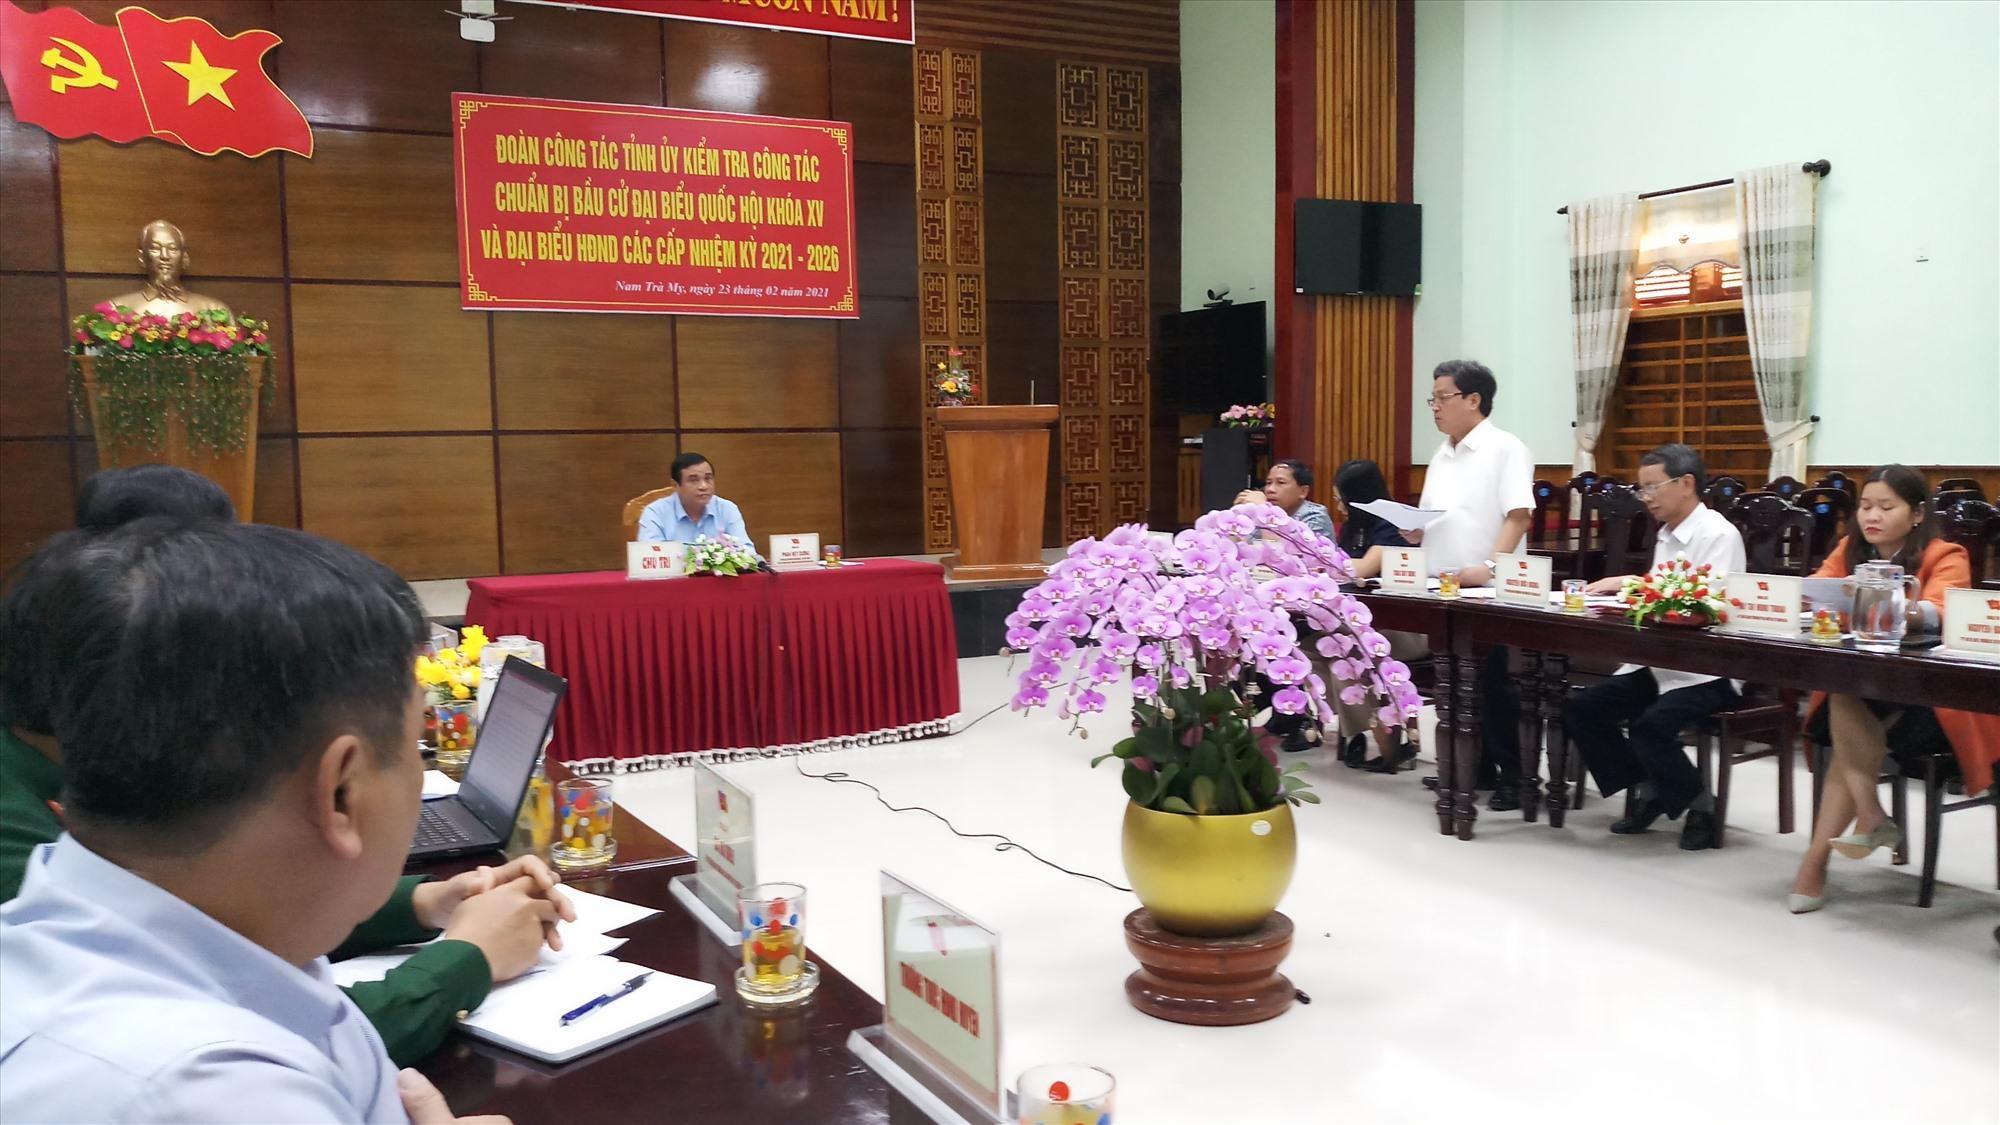 Đại diện lãnh đạo huyện Bắc Trà My báo cáo một số nội dung với đoàn công tác. Ảnh: A.N